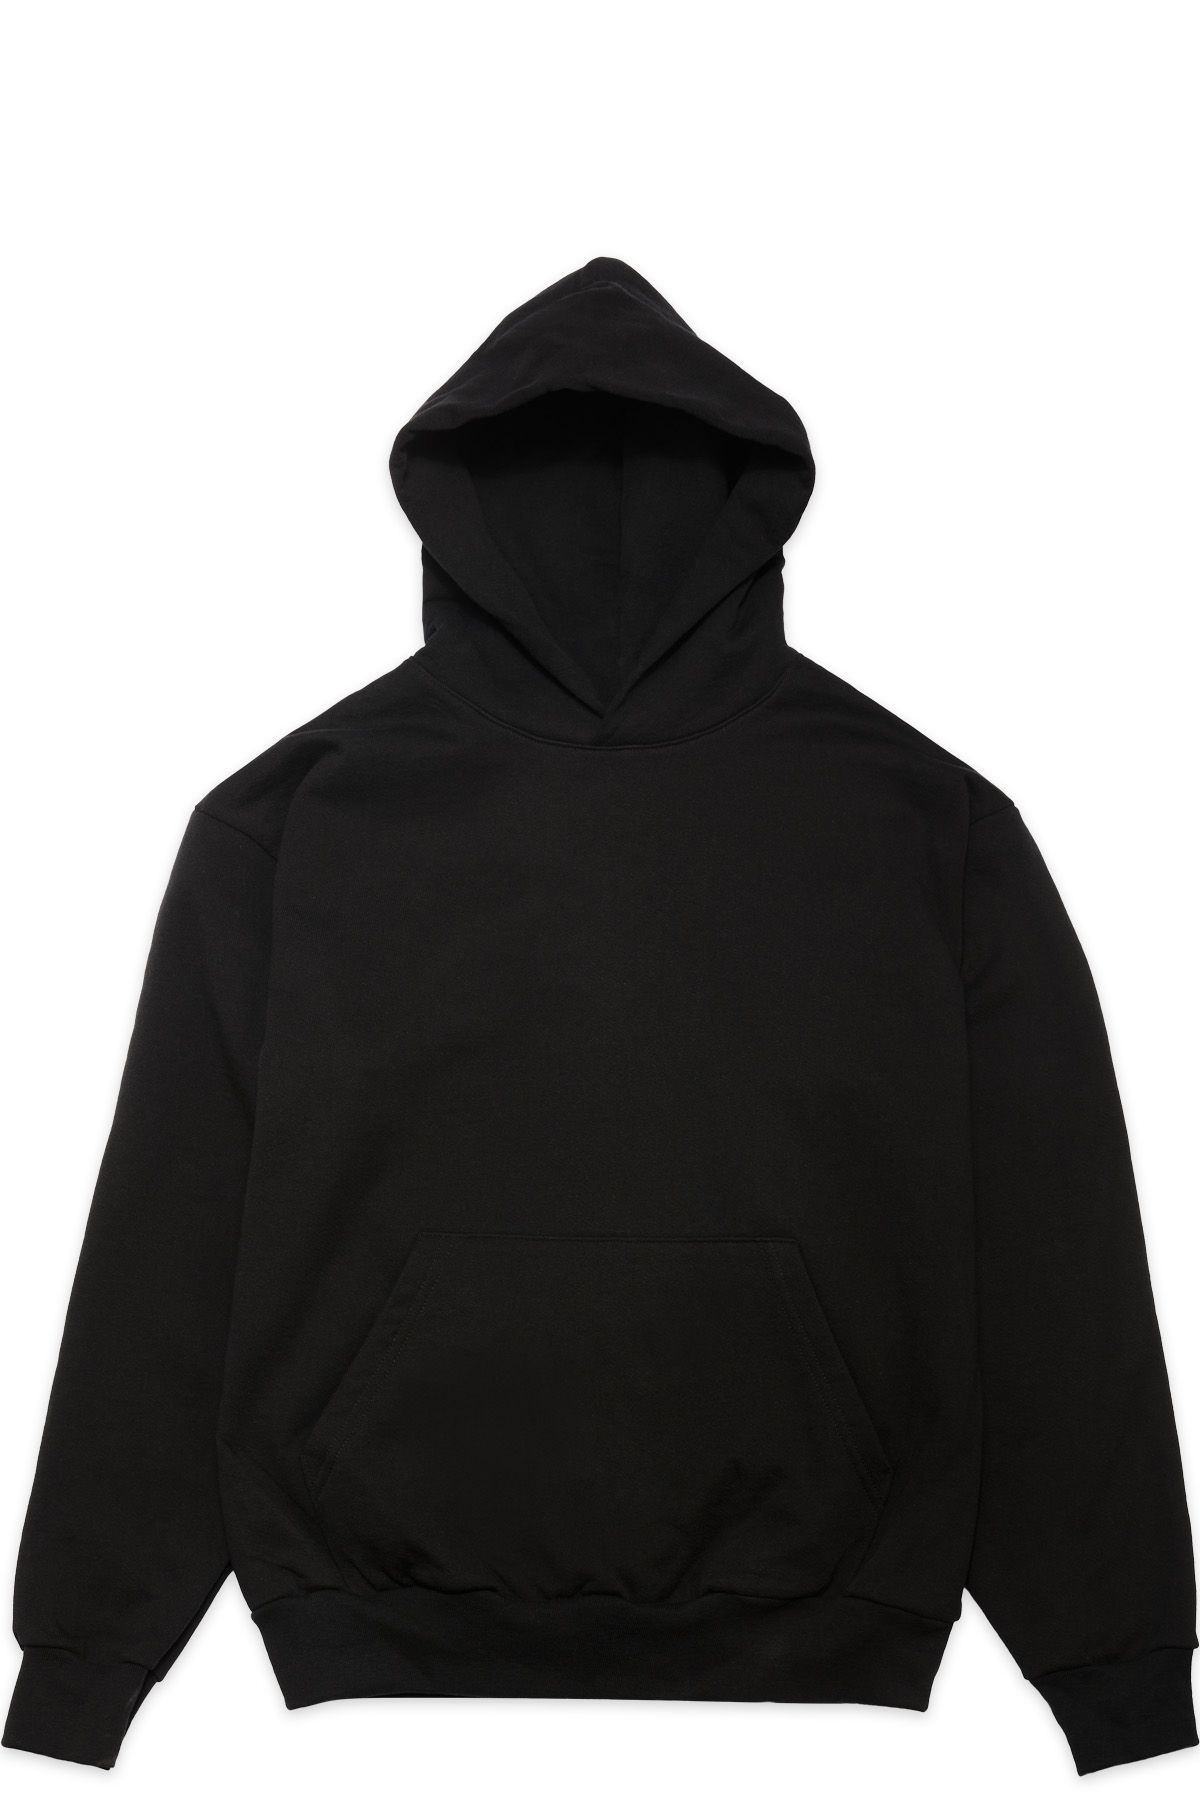 Black Hoodie Template : black, hoodie, template, Influenceu, '1992, été', Print, Hoodie, Black, Simple, Hoodie,, Template,, Hoodies